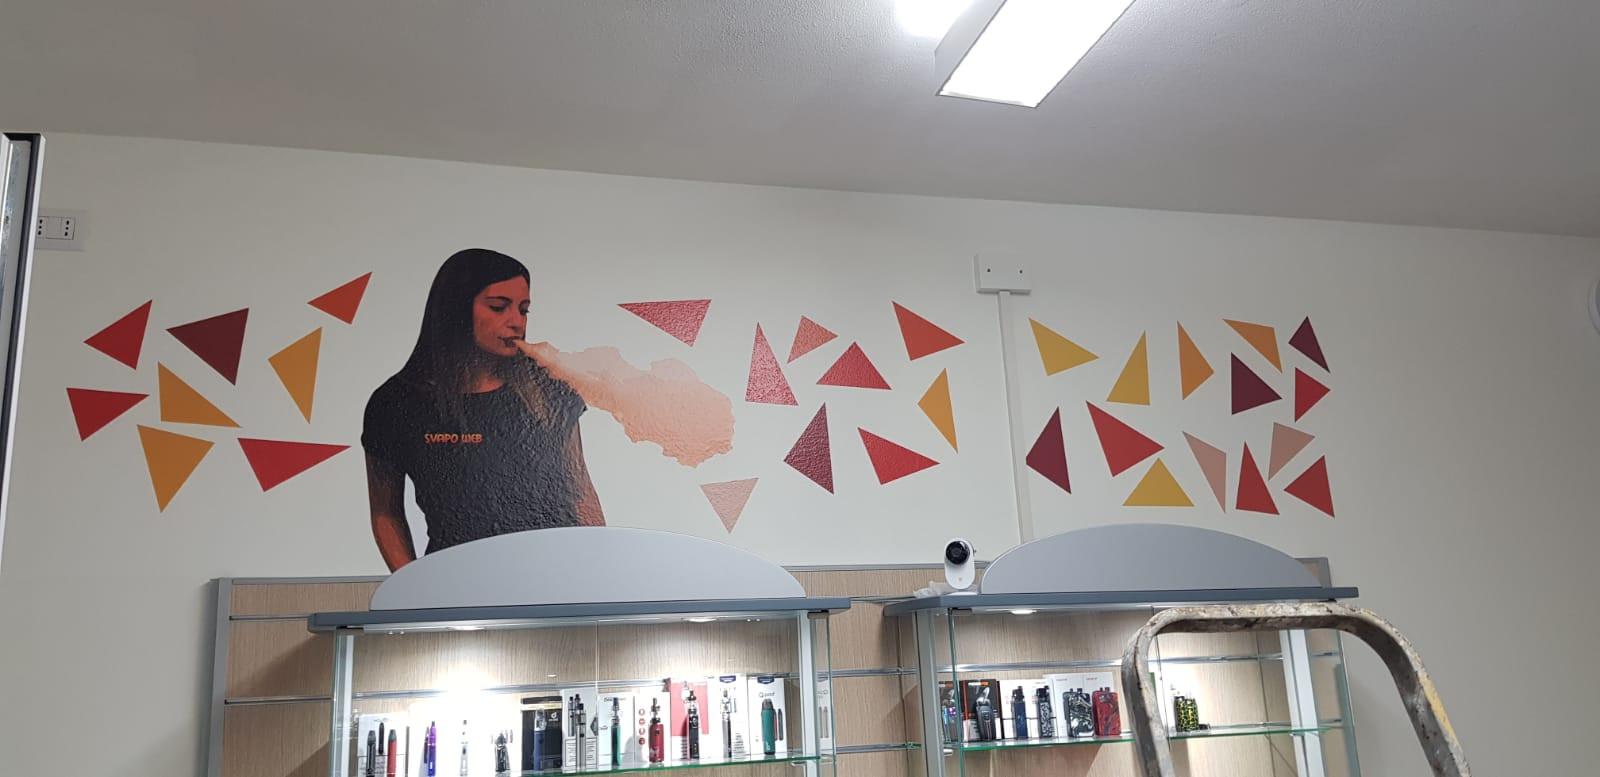 Adesivi murali